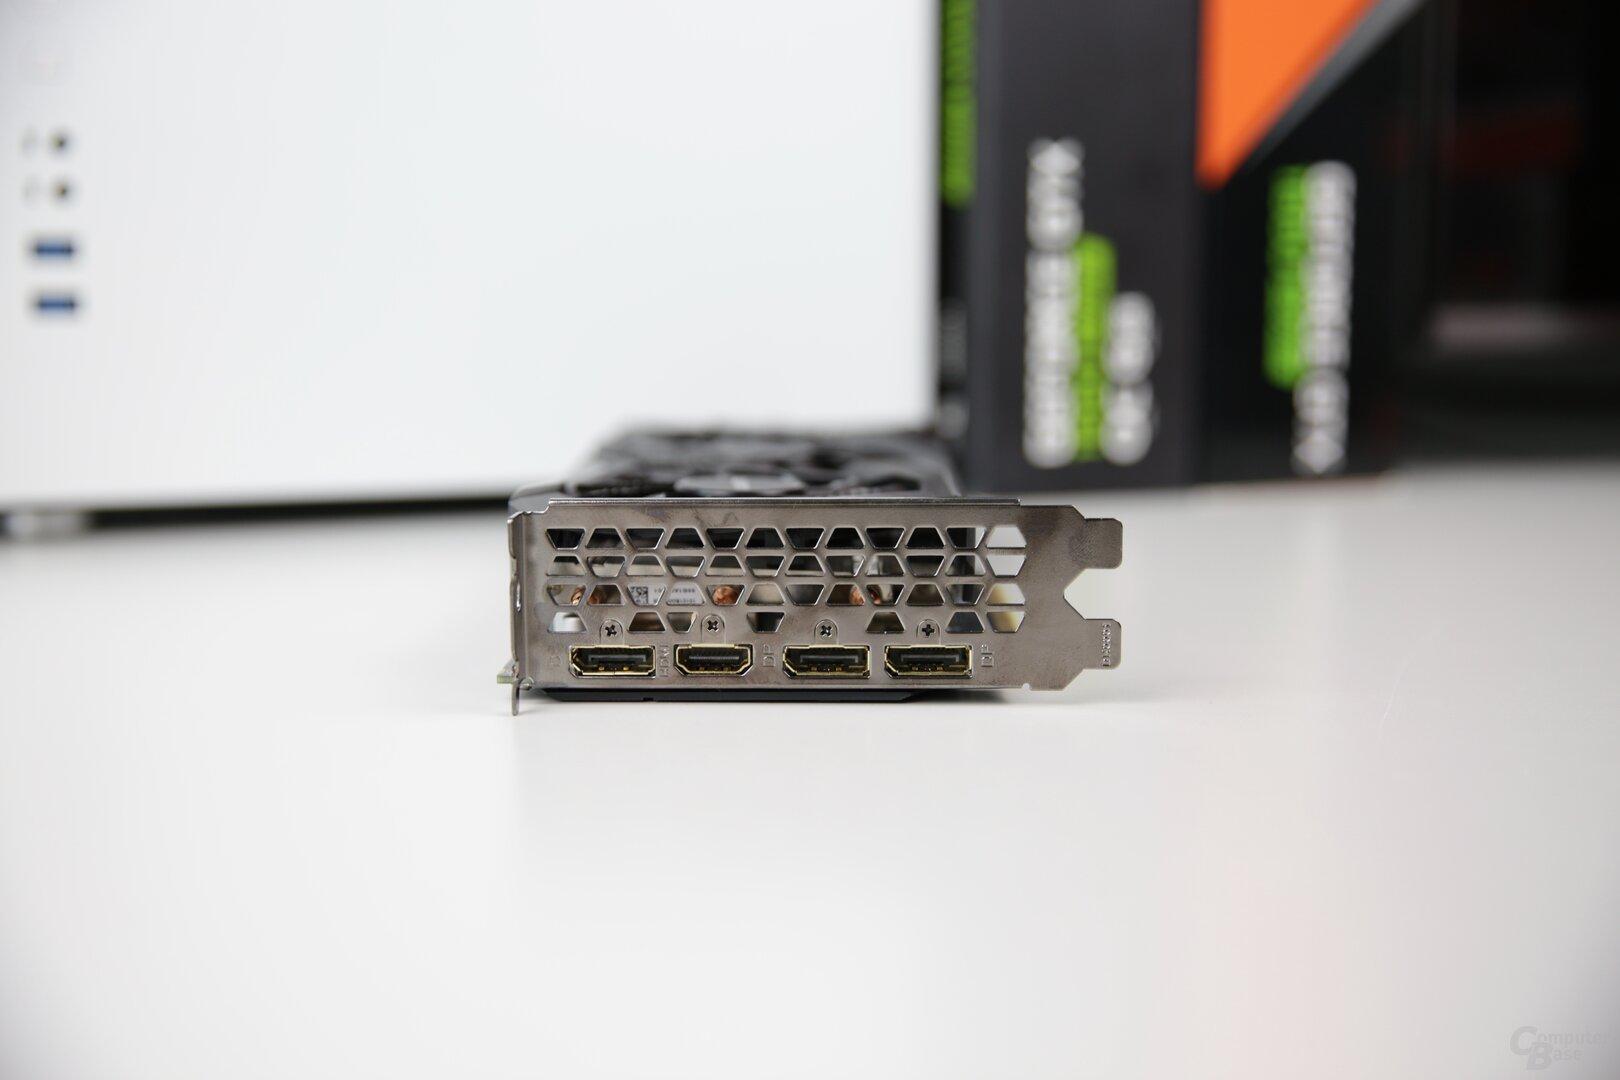 Monitoranschlüsse der Gigabyte GeForce GTX 1660 Super Gaming OC